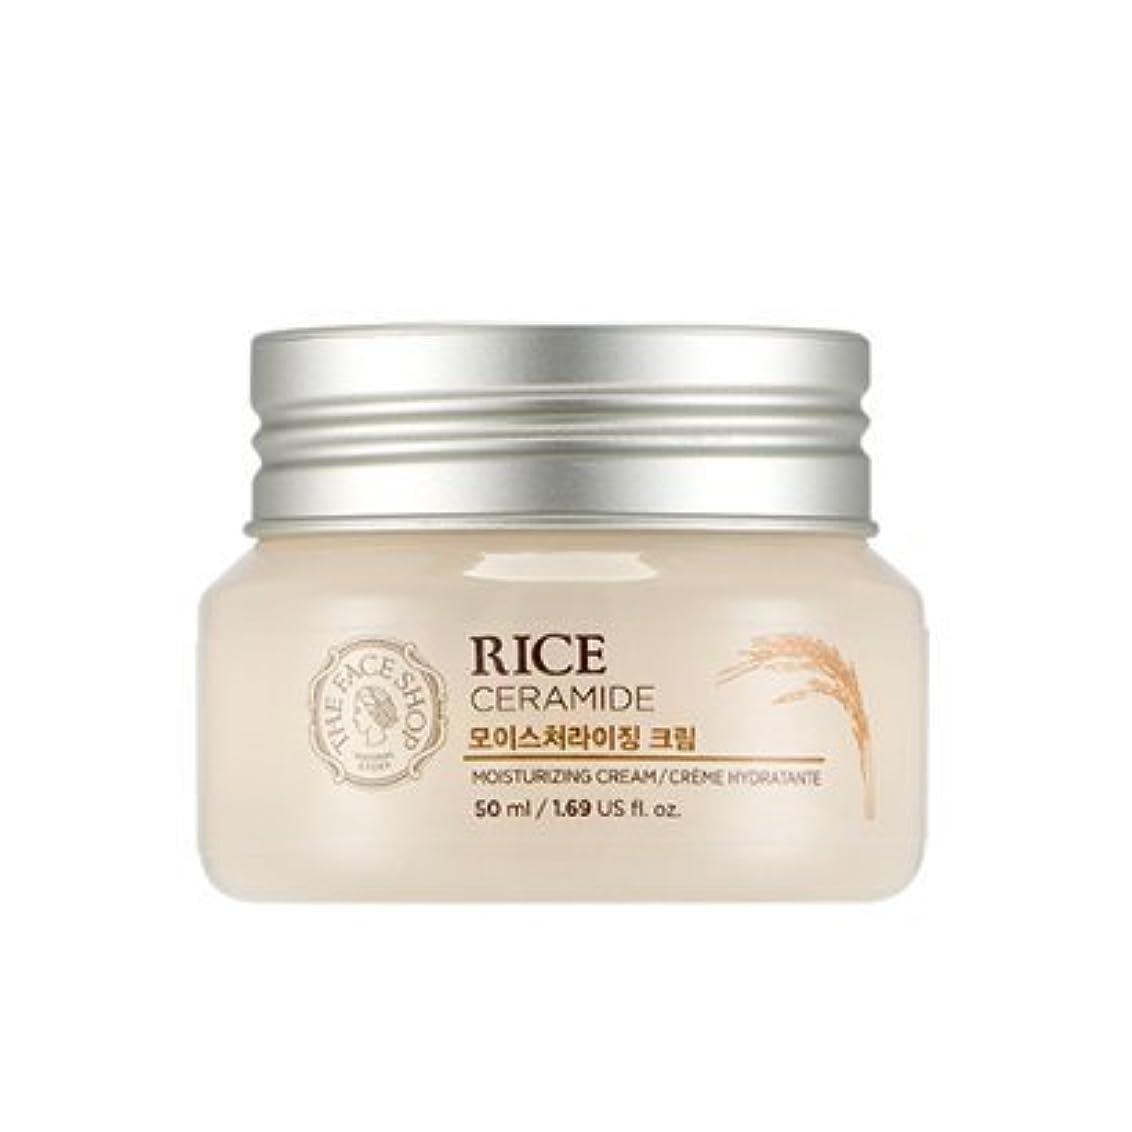 堤防ミサイルユーモラスTHE FACE SHOP Rice & Ceramide Moisturizing Cream ザフェイスショップ ライス&セラミドモイスチャーライジングクリーム [並行輸入品]